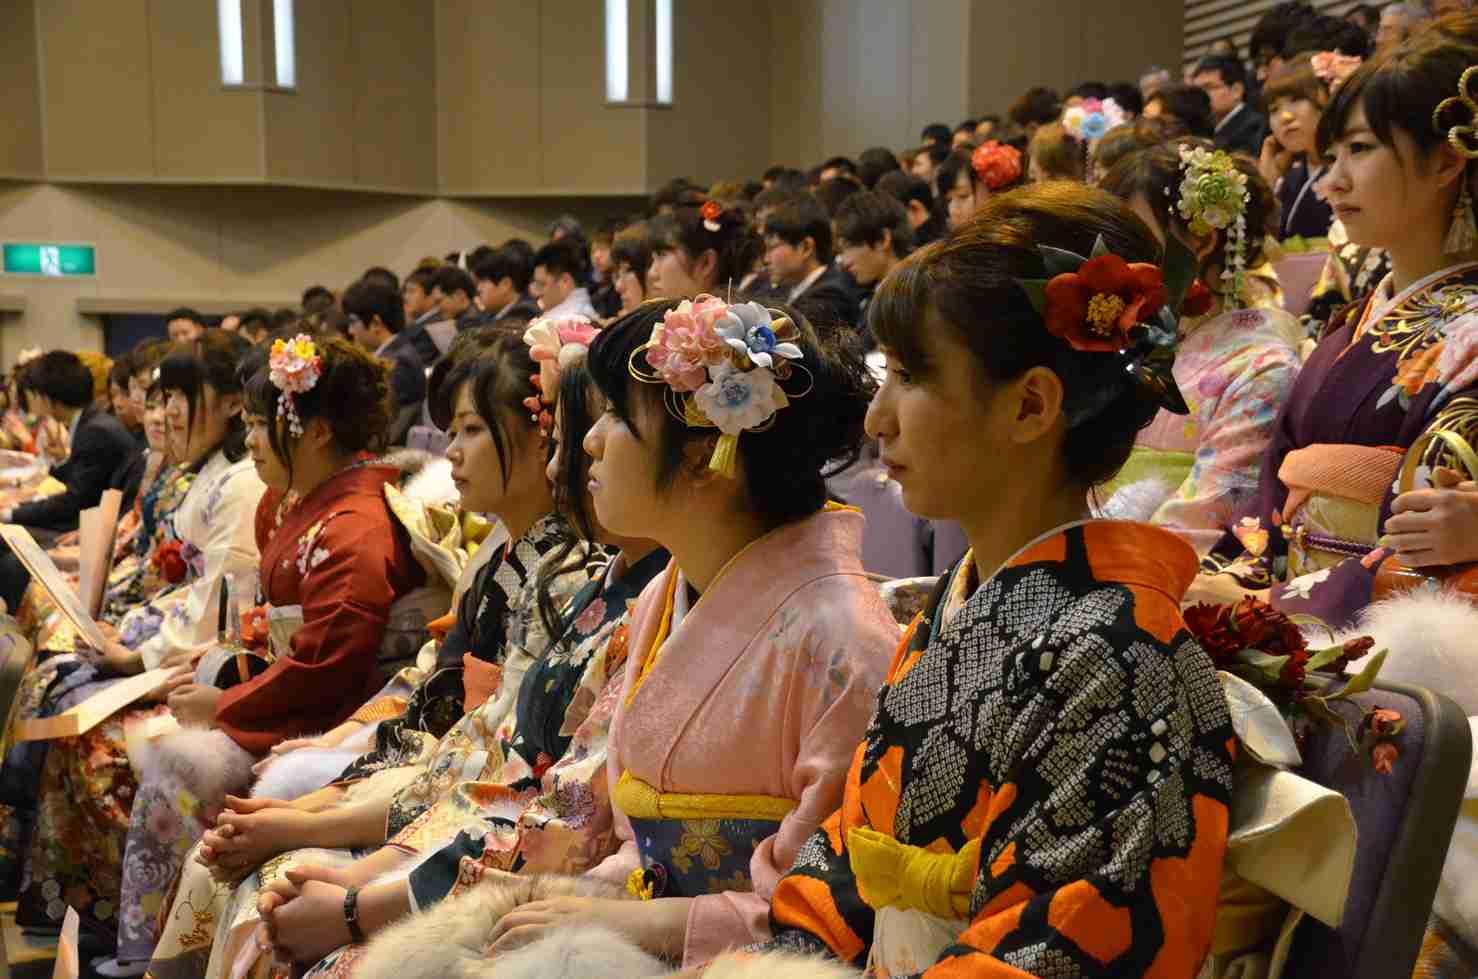 全く荒れない被災地の成人式 南三陸町の若者は「今度は自分たちが支えになる」と誓う (BuzzFeed Japan) - Yahoo!ニュース